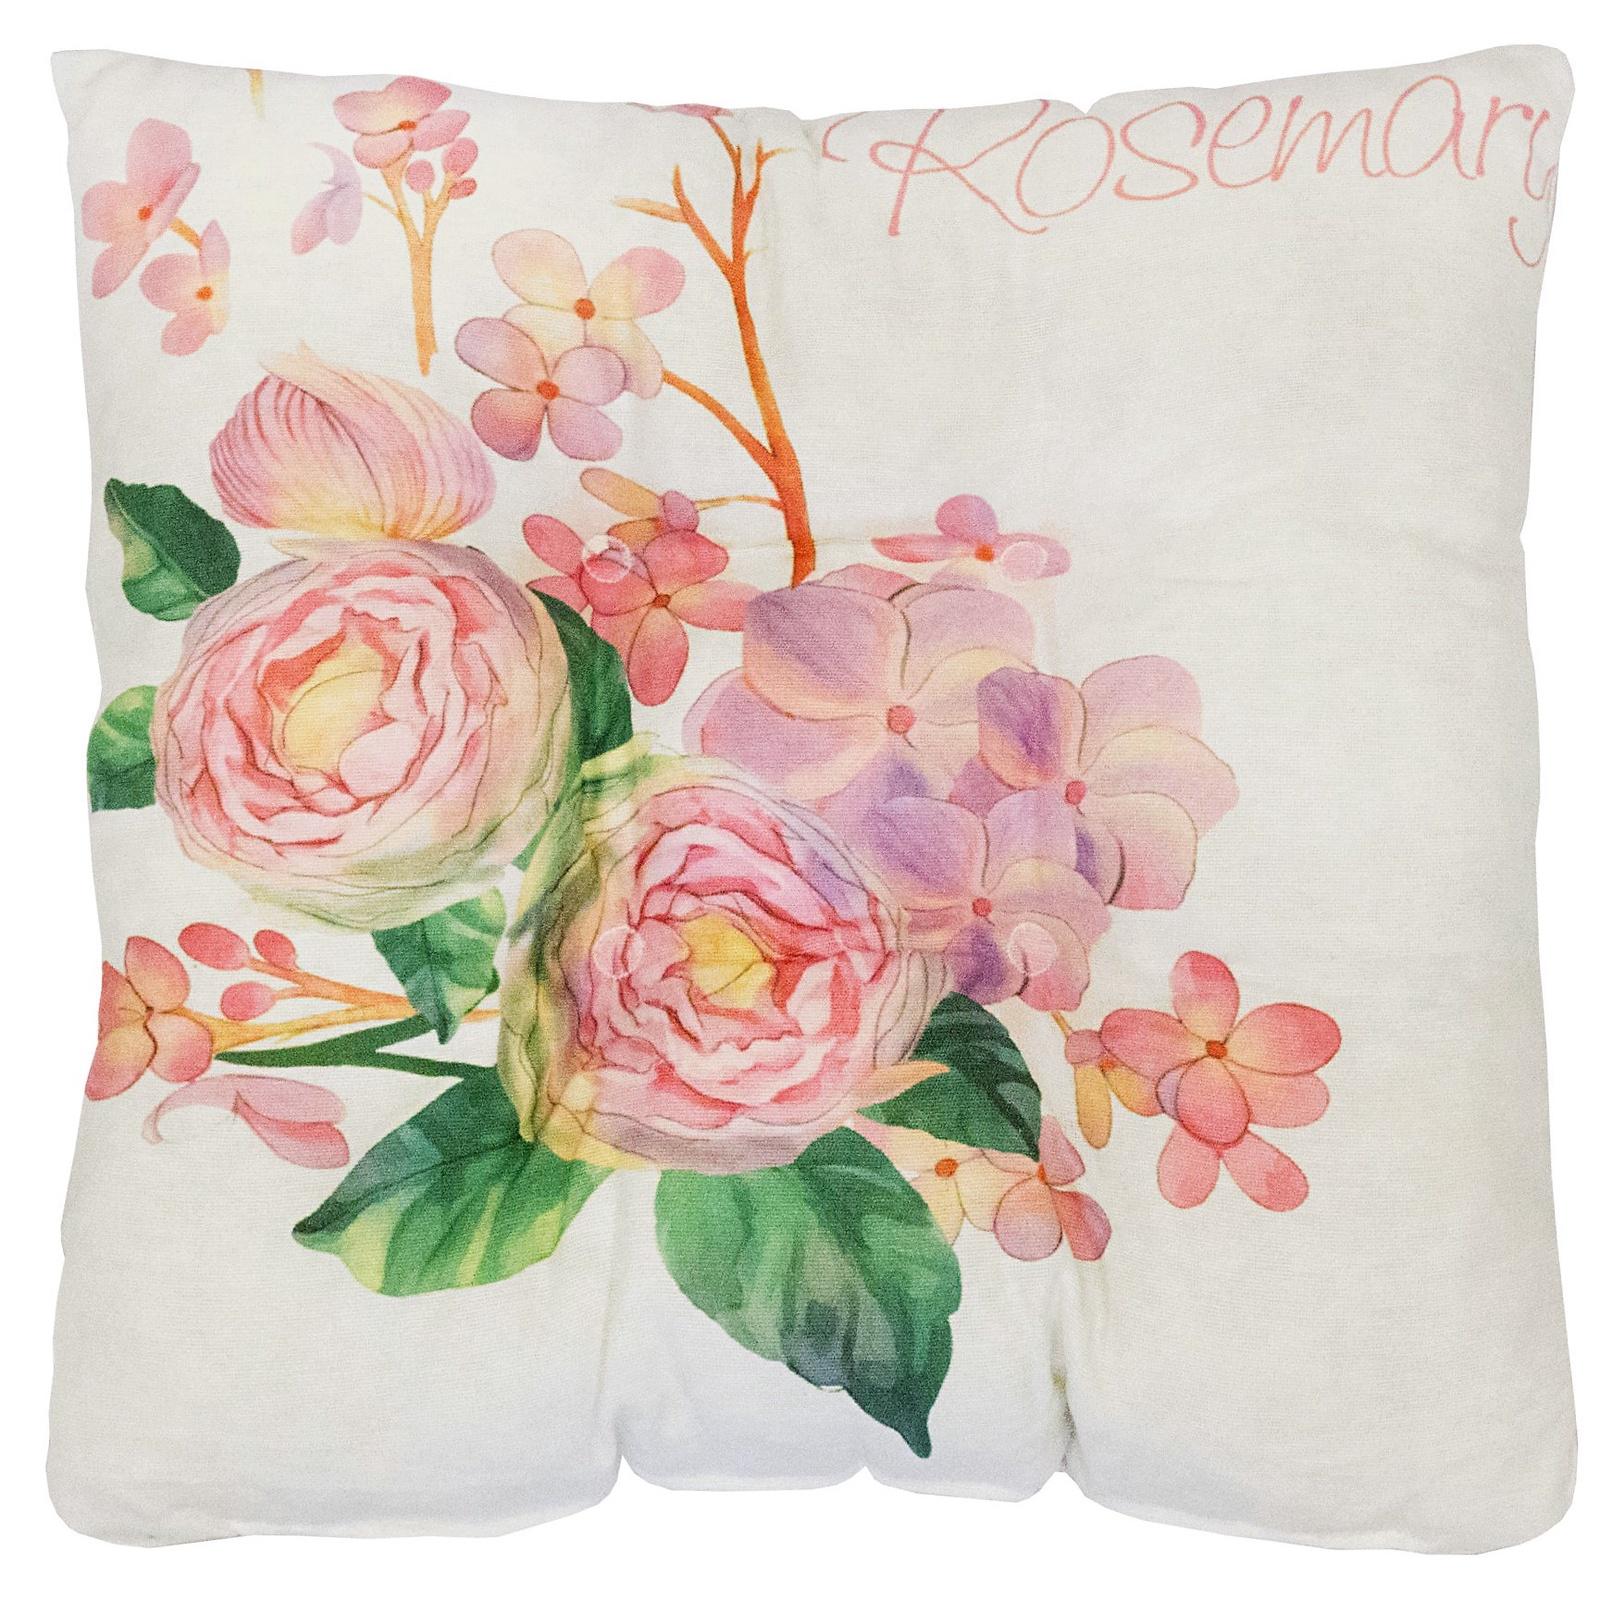 Подушка на стул Altali Римини, кремовый, розовый, зеленый подушки на стул altali подушка на стул с рисунком марселла лайн